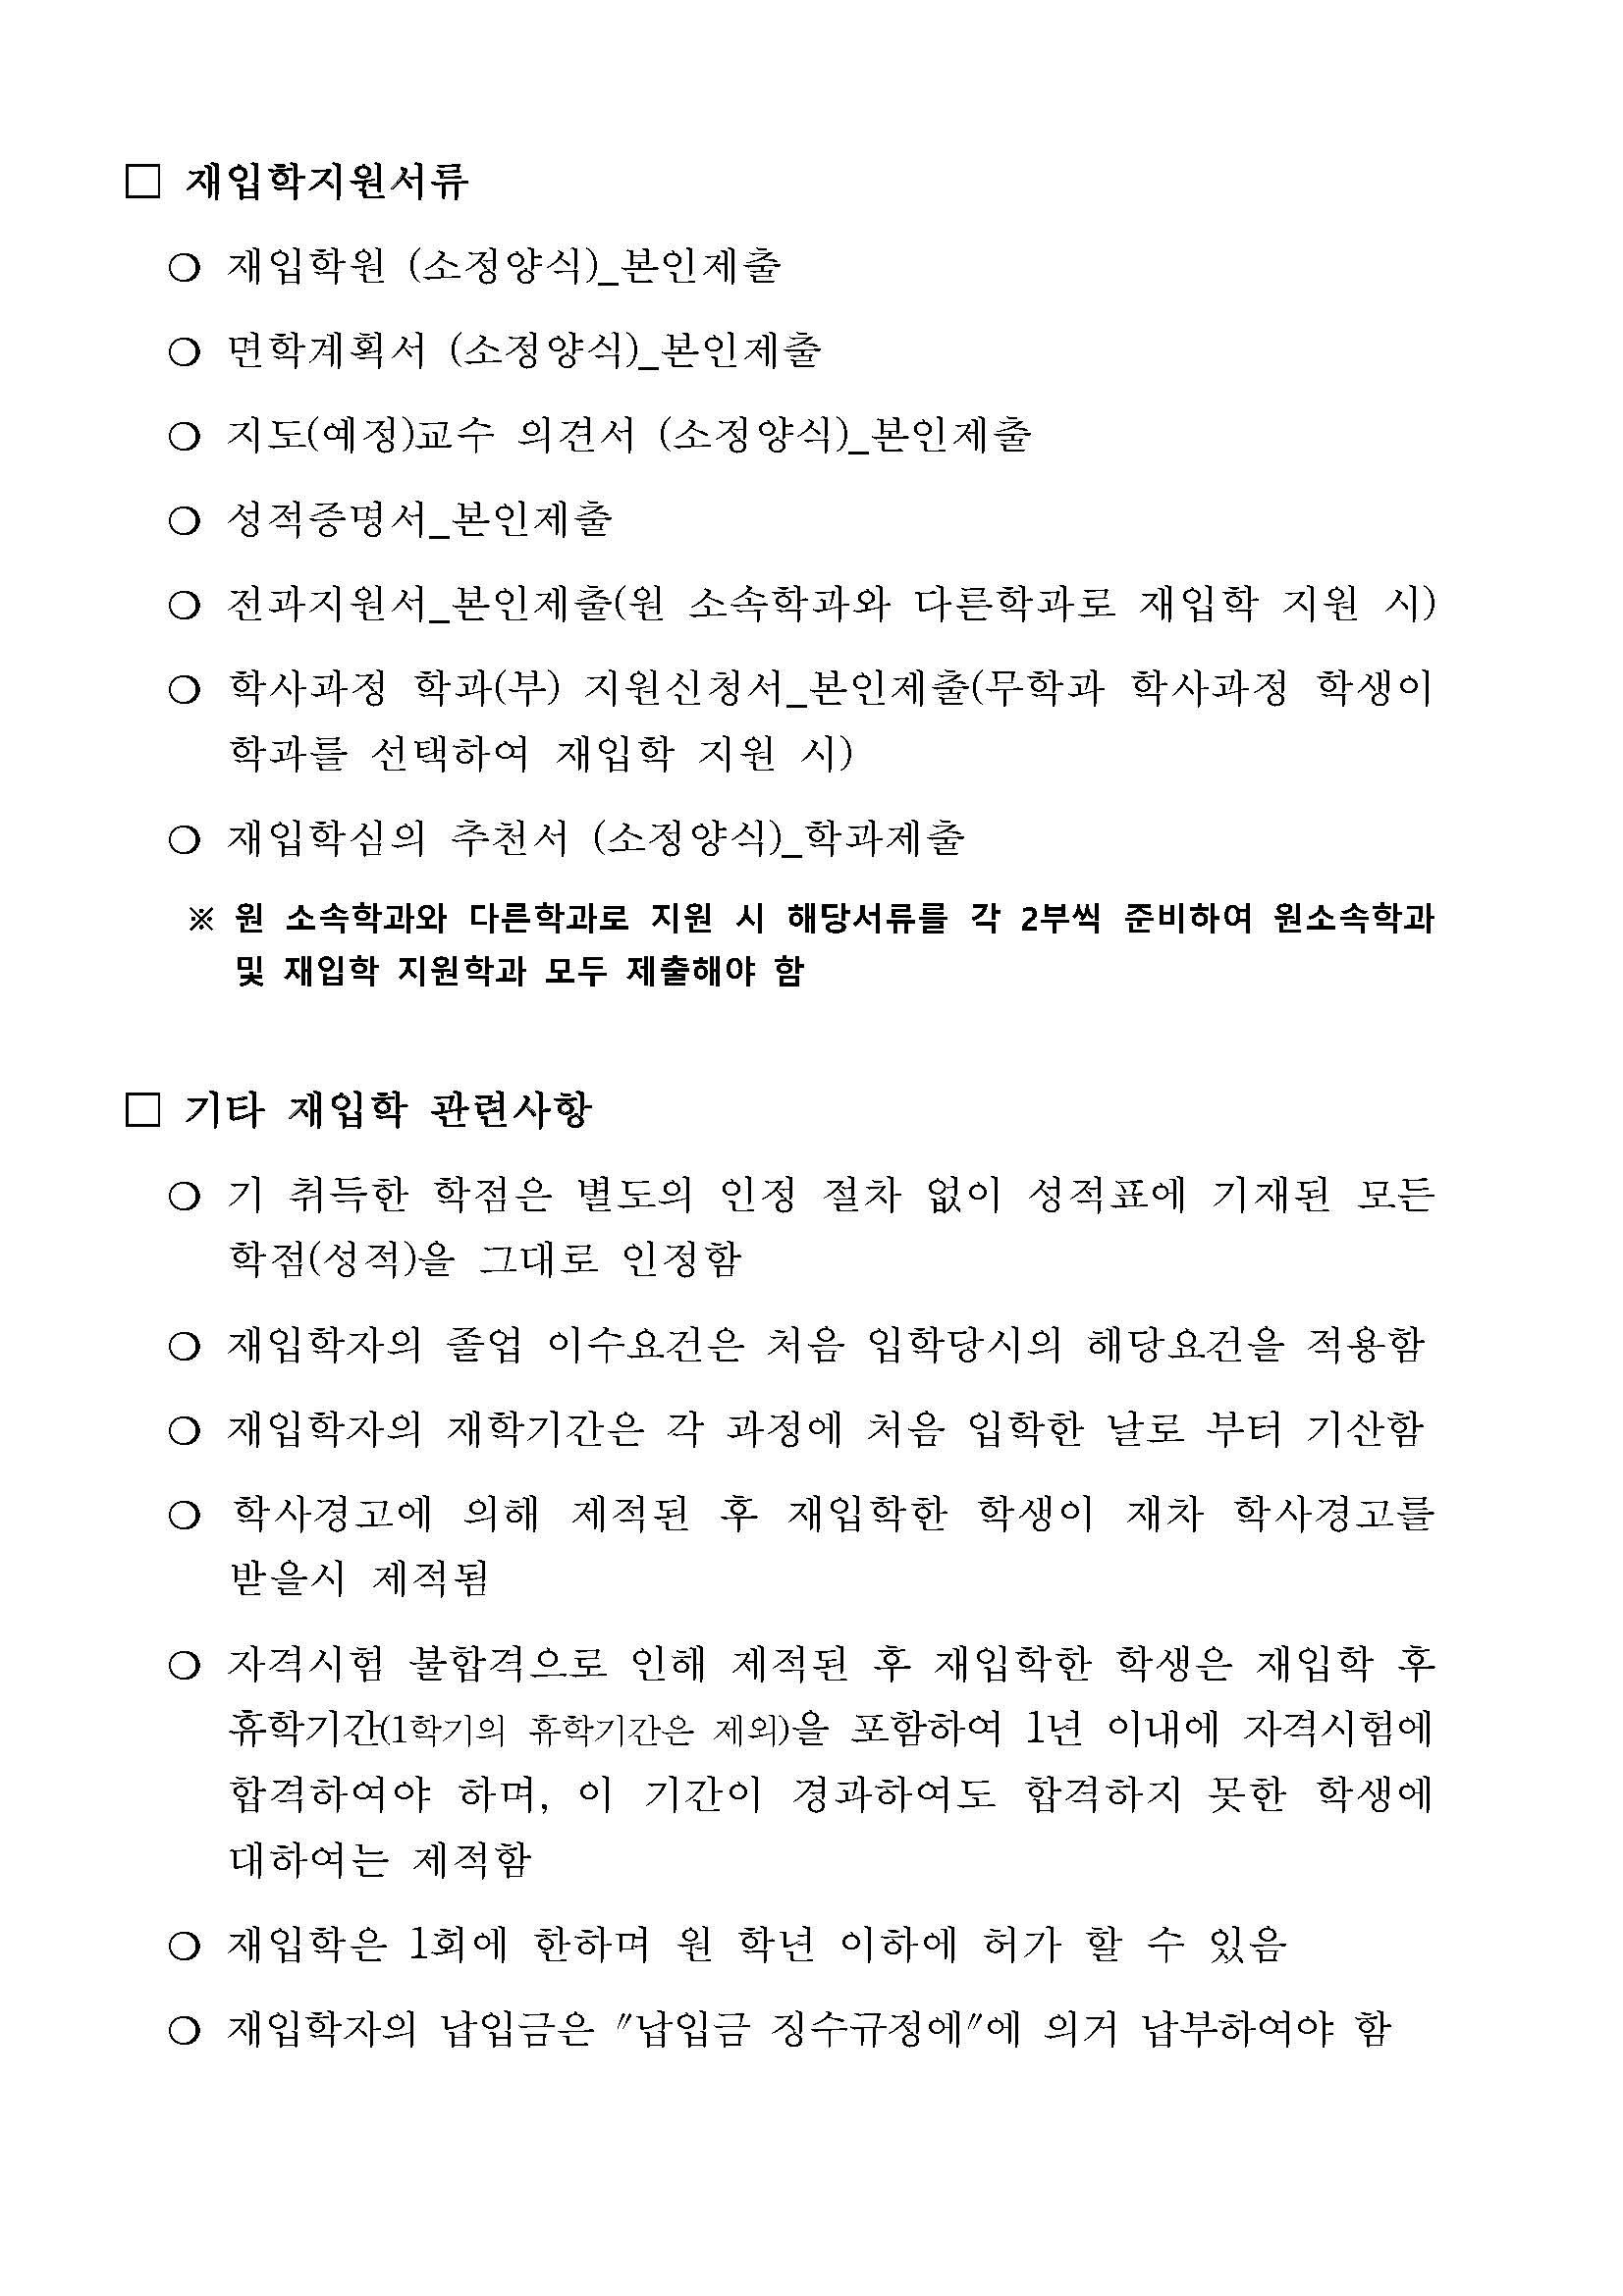 2021학년도 봄학기 각 과정 재입학지원 안내_페이지_4.jpg